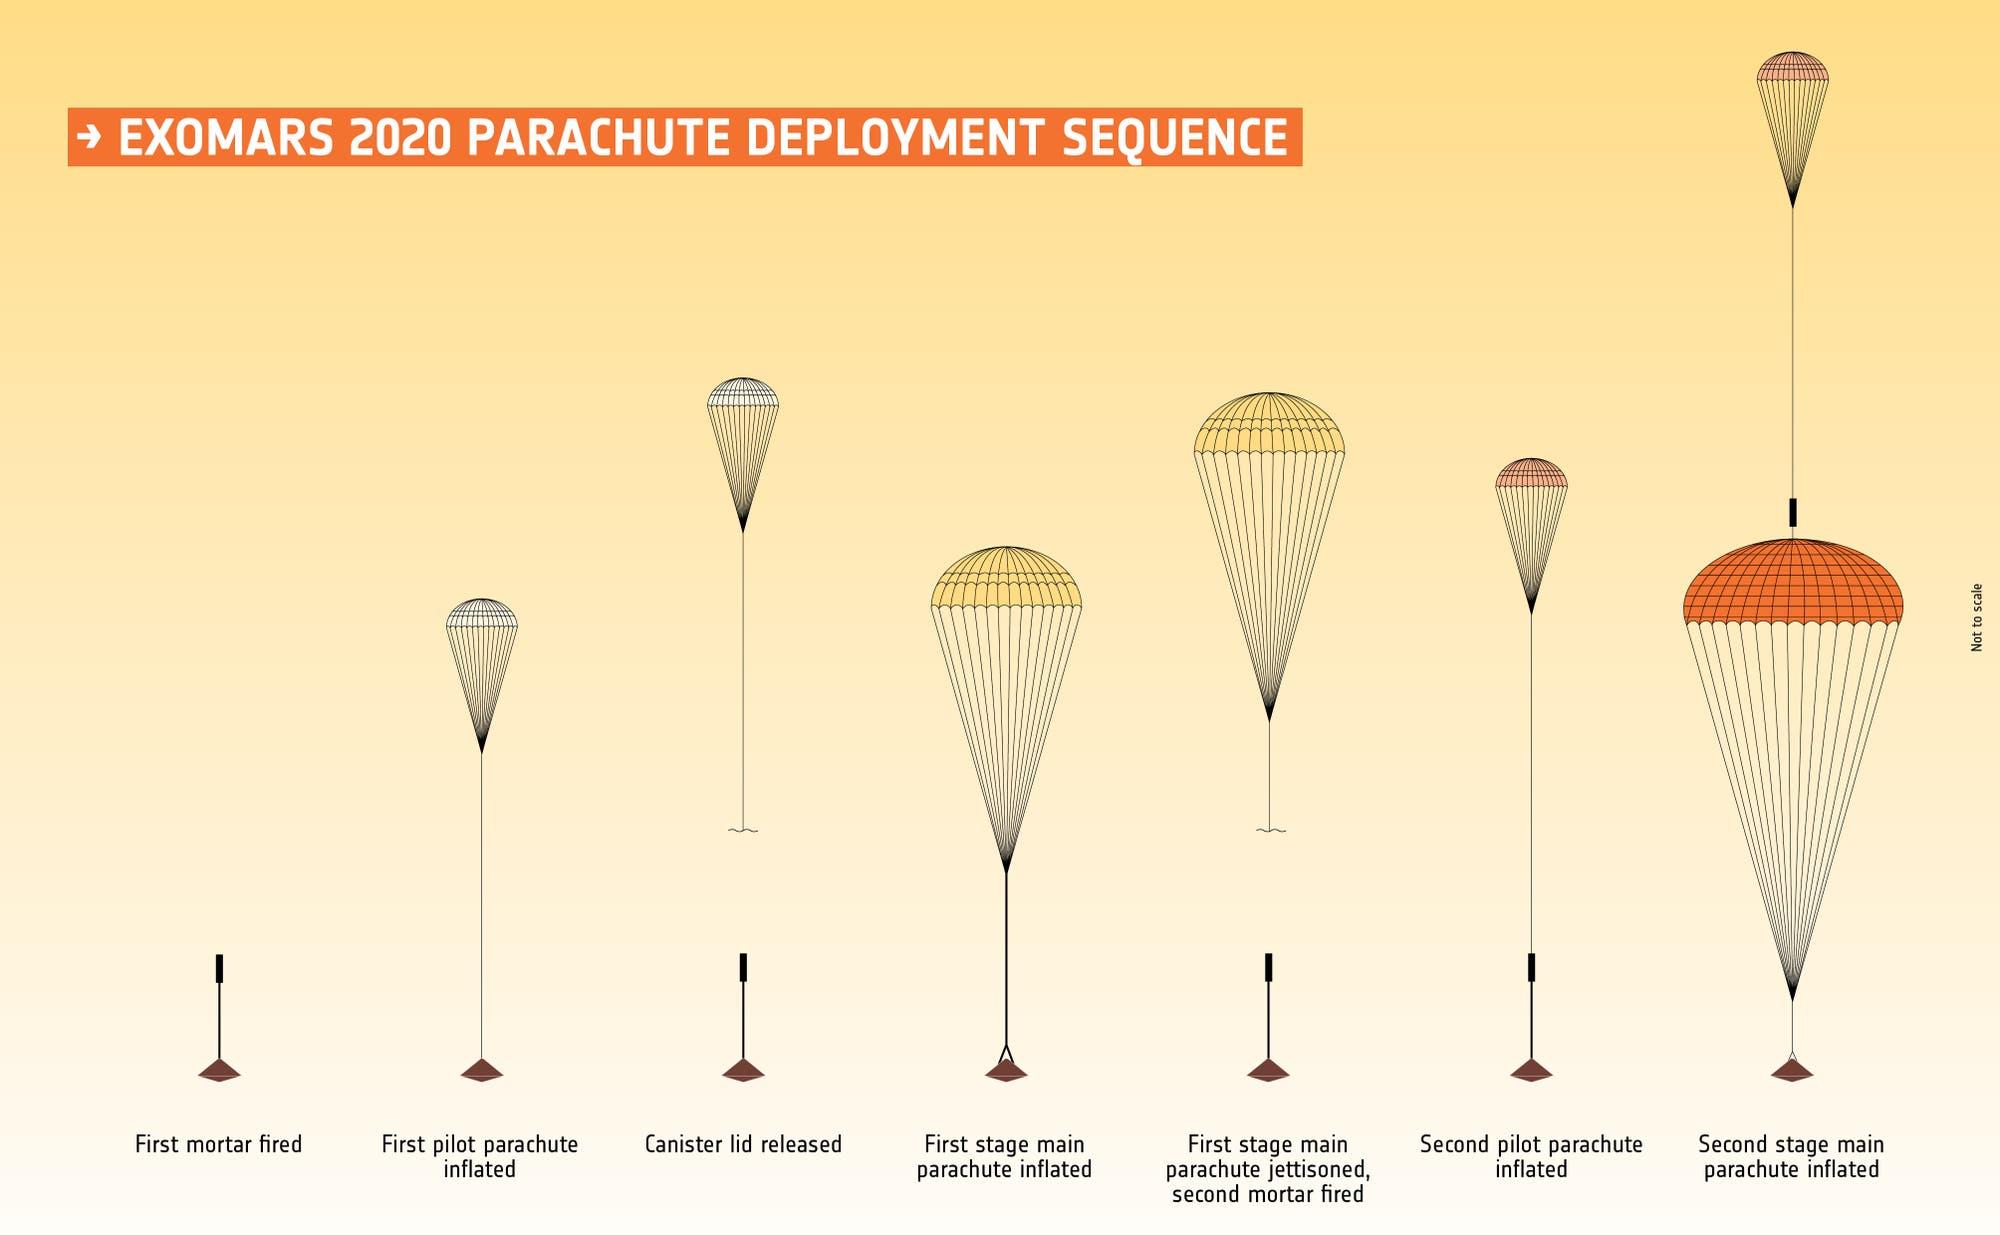 Die Fallschirme der europäischen Marslandesonde ExoMars 2020